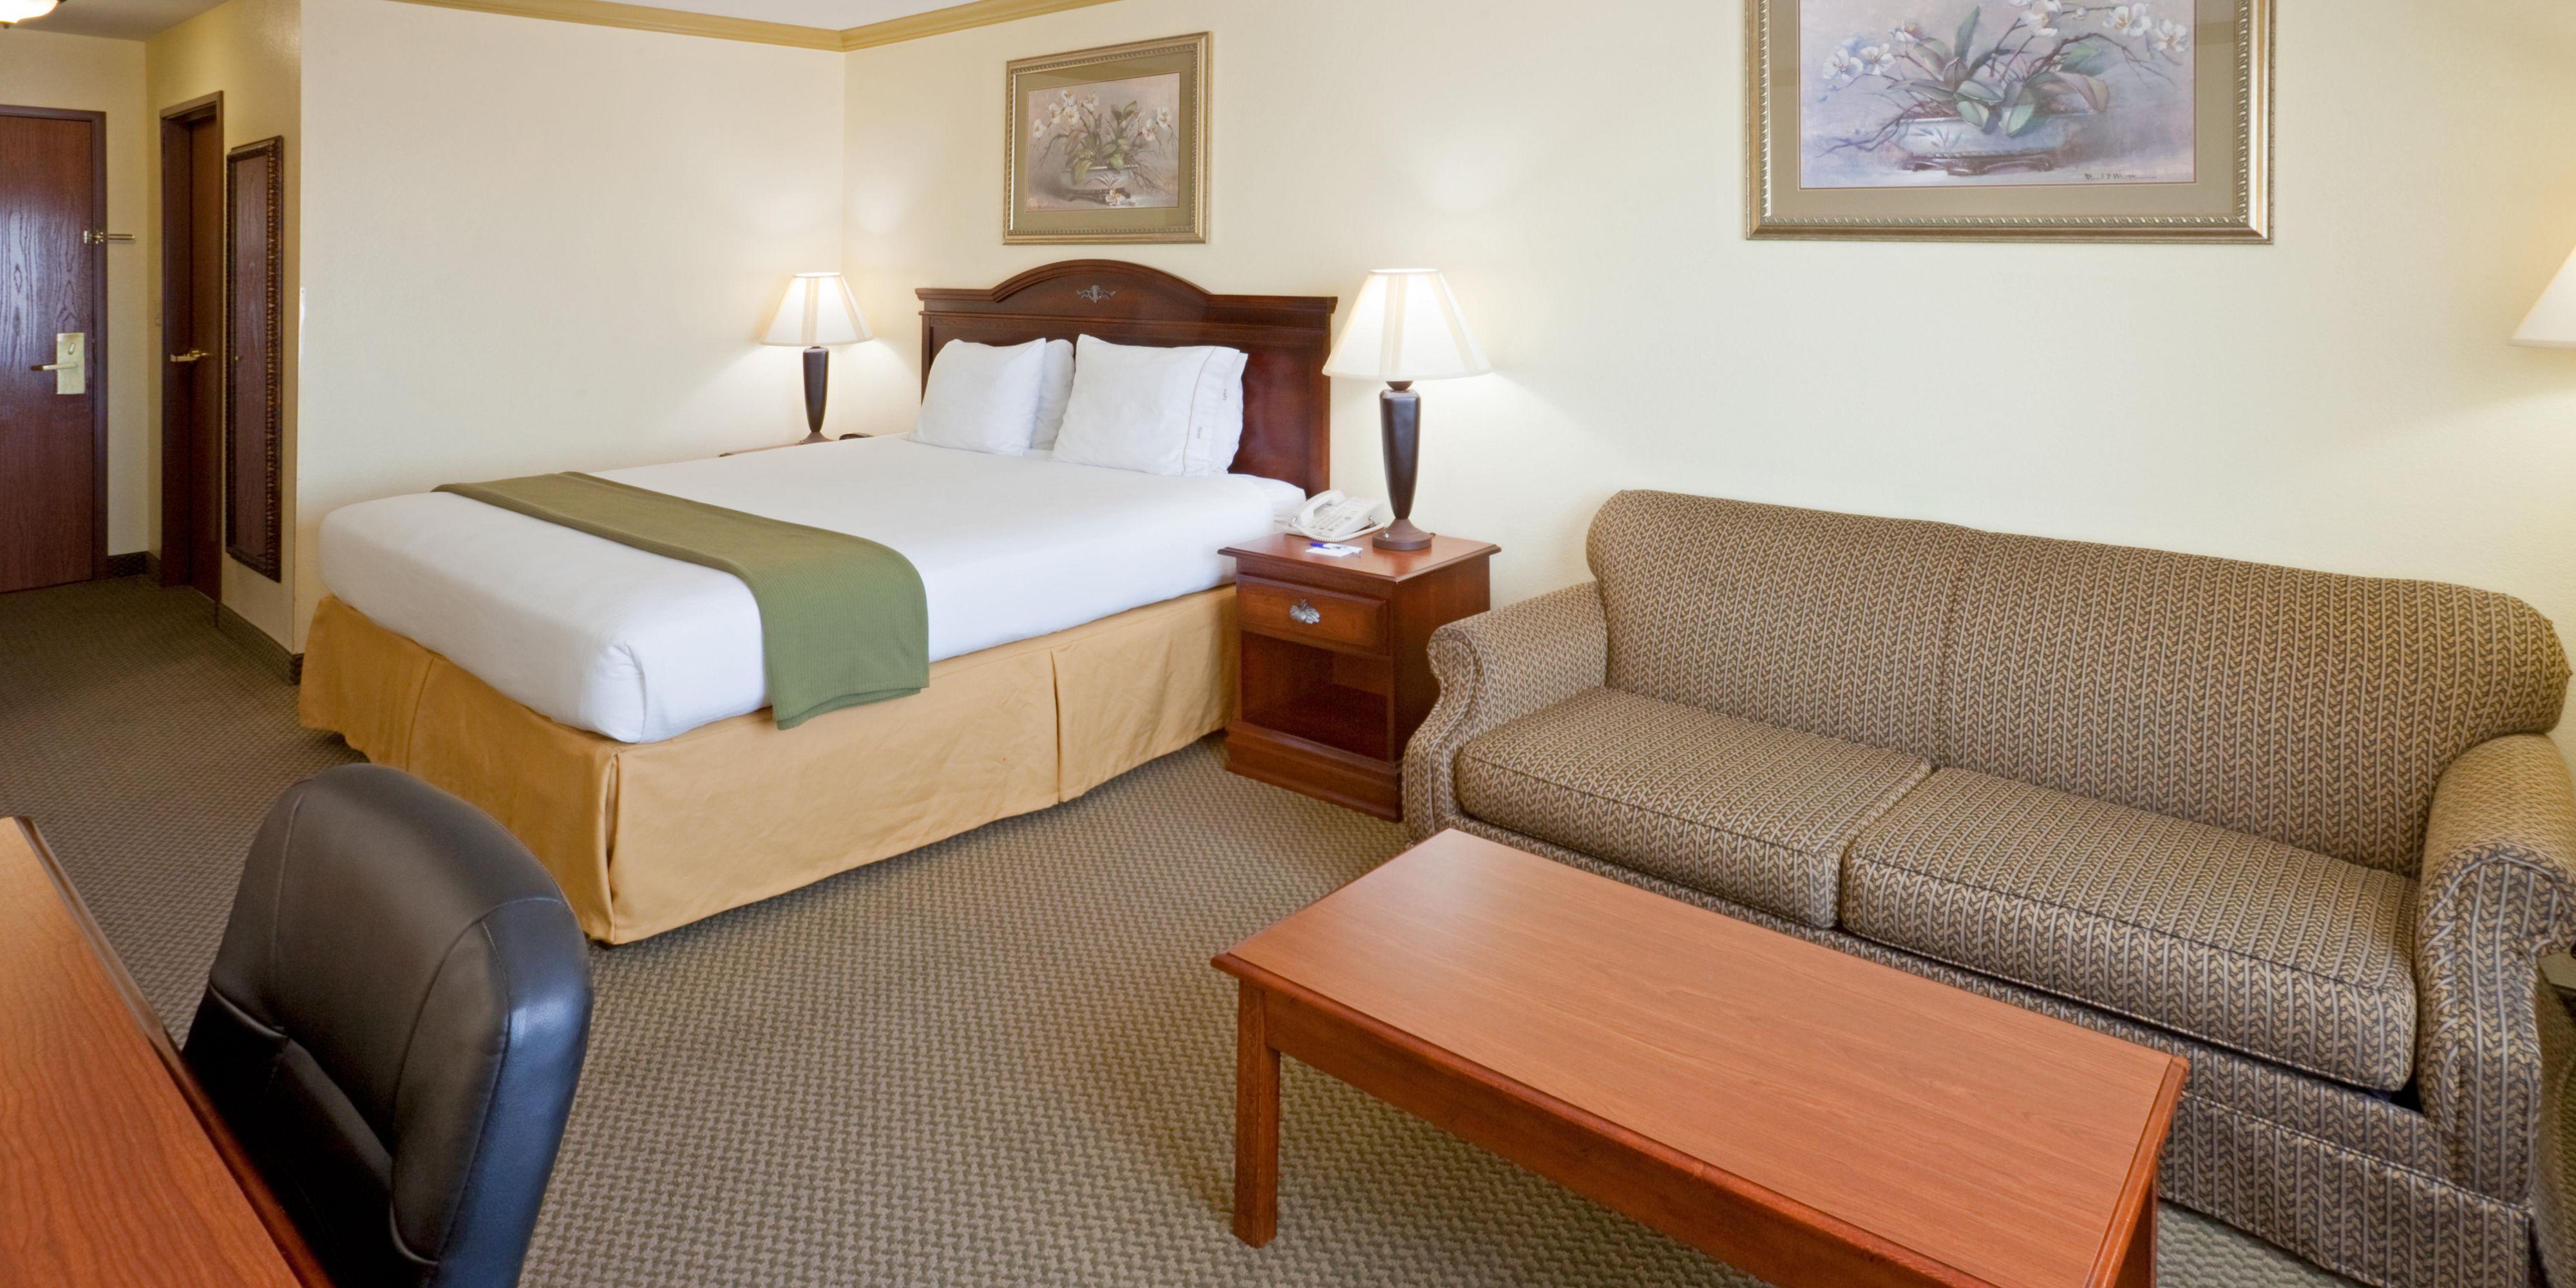 holiday inn express & suites lake worth nw loop 820 hotelihg